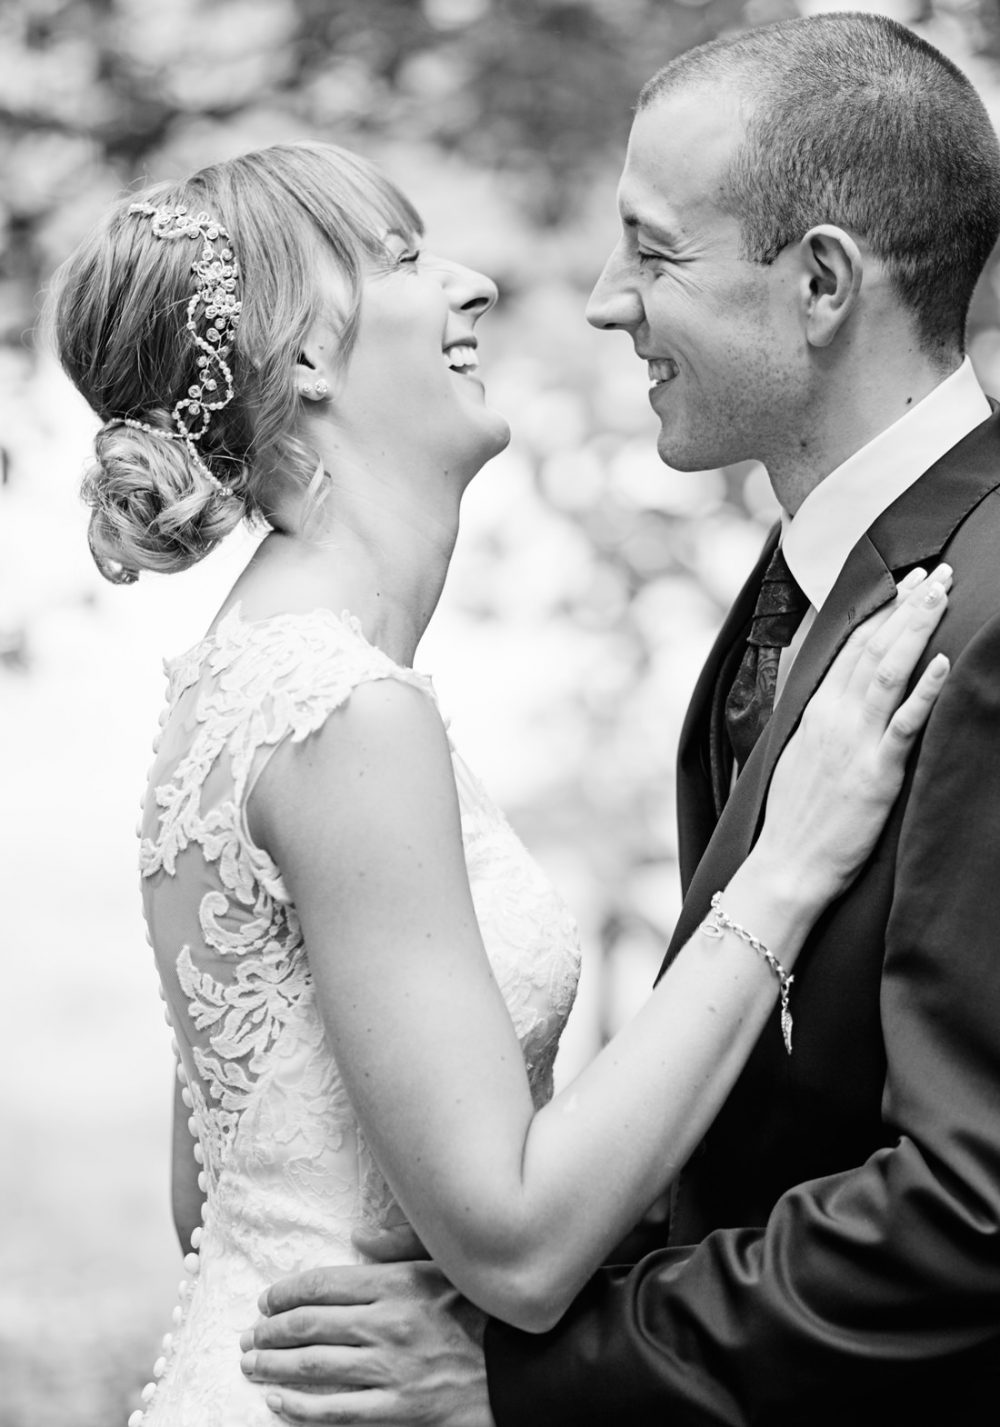 momentlichkeiten | Sina Hasenmaile Fotografie | Tanja und Tobias | Hochzeit